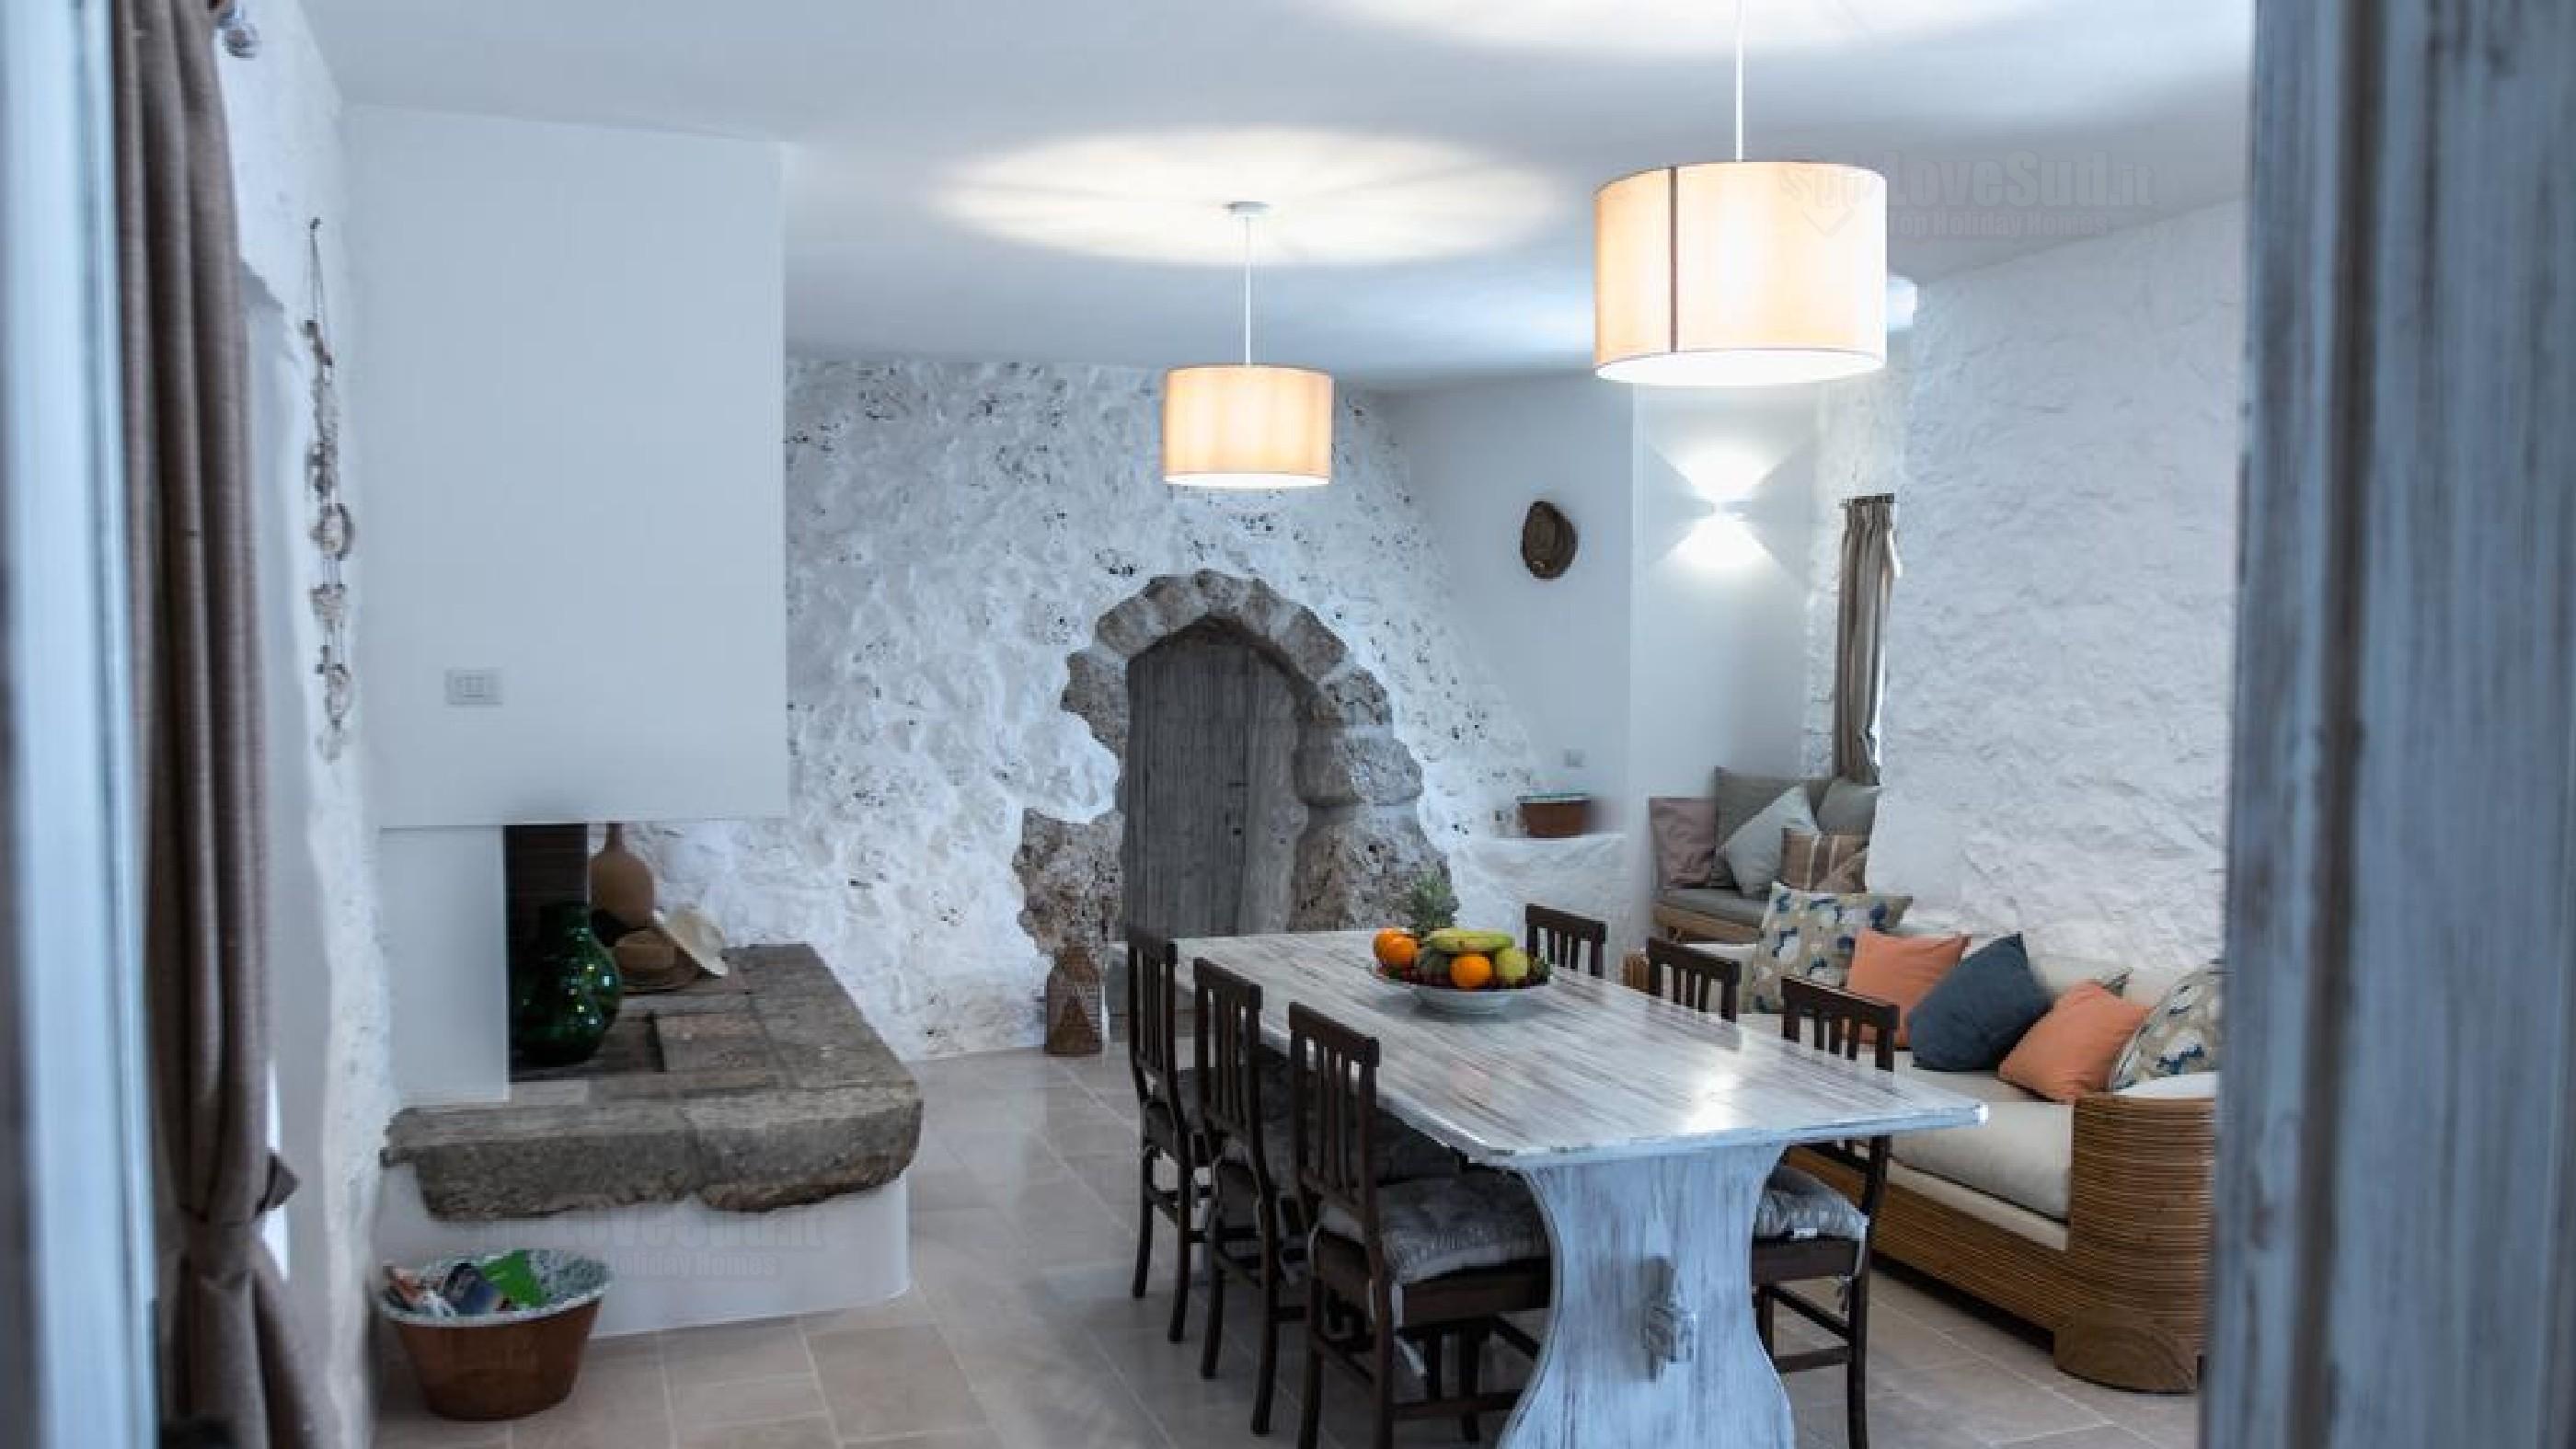 Apartment Albachiara pool house photo 20235987